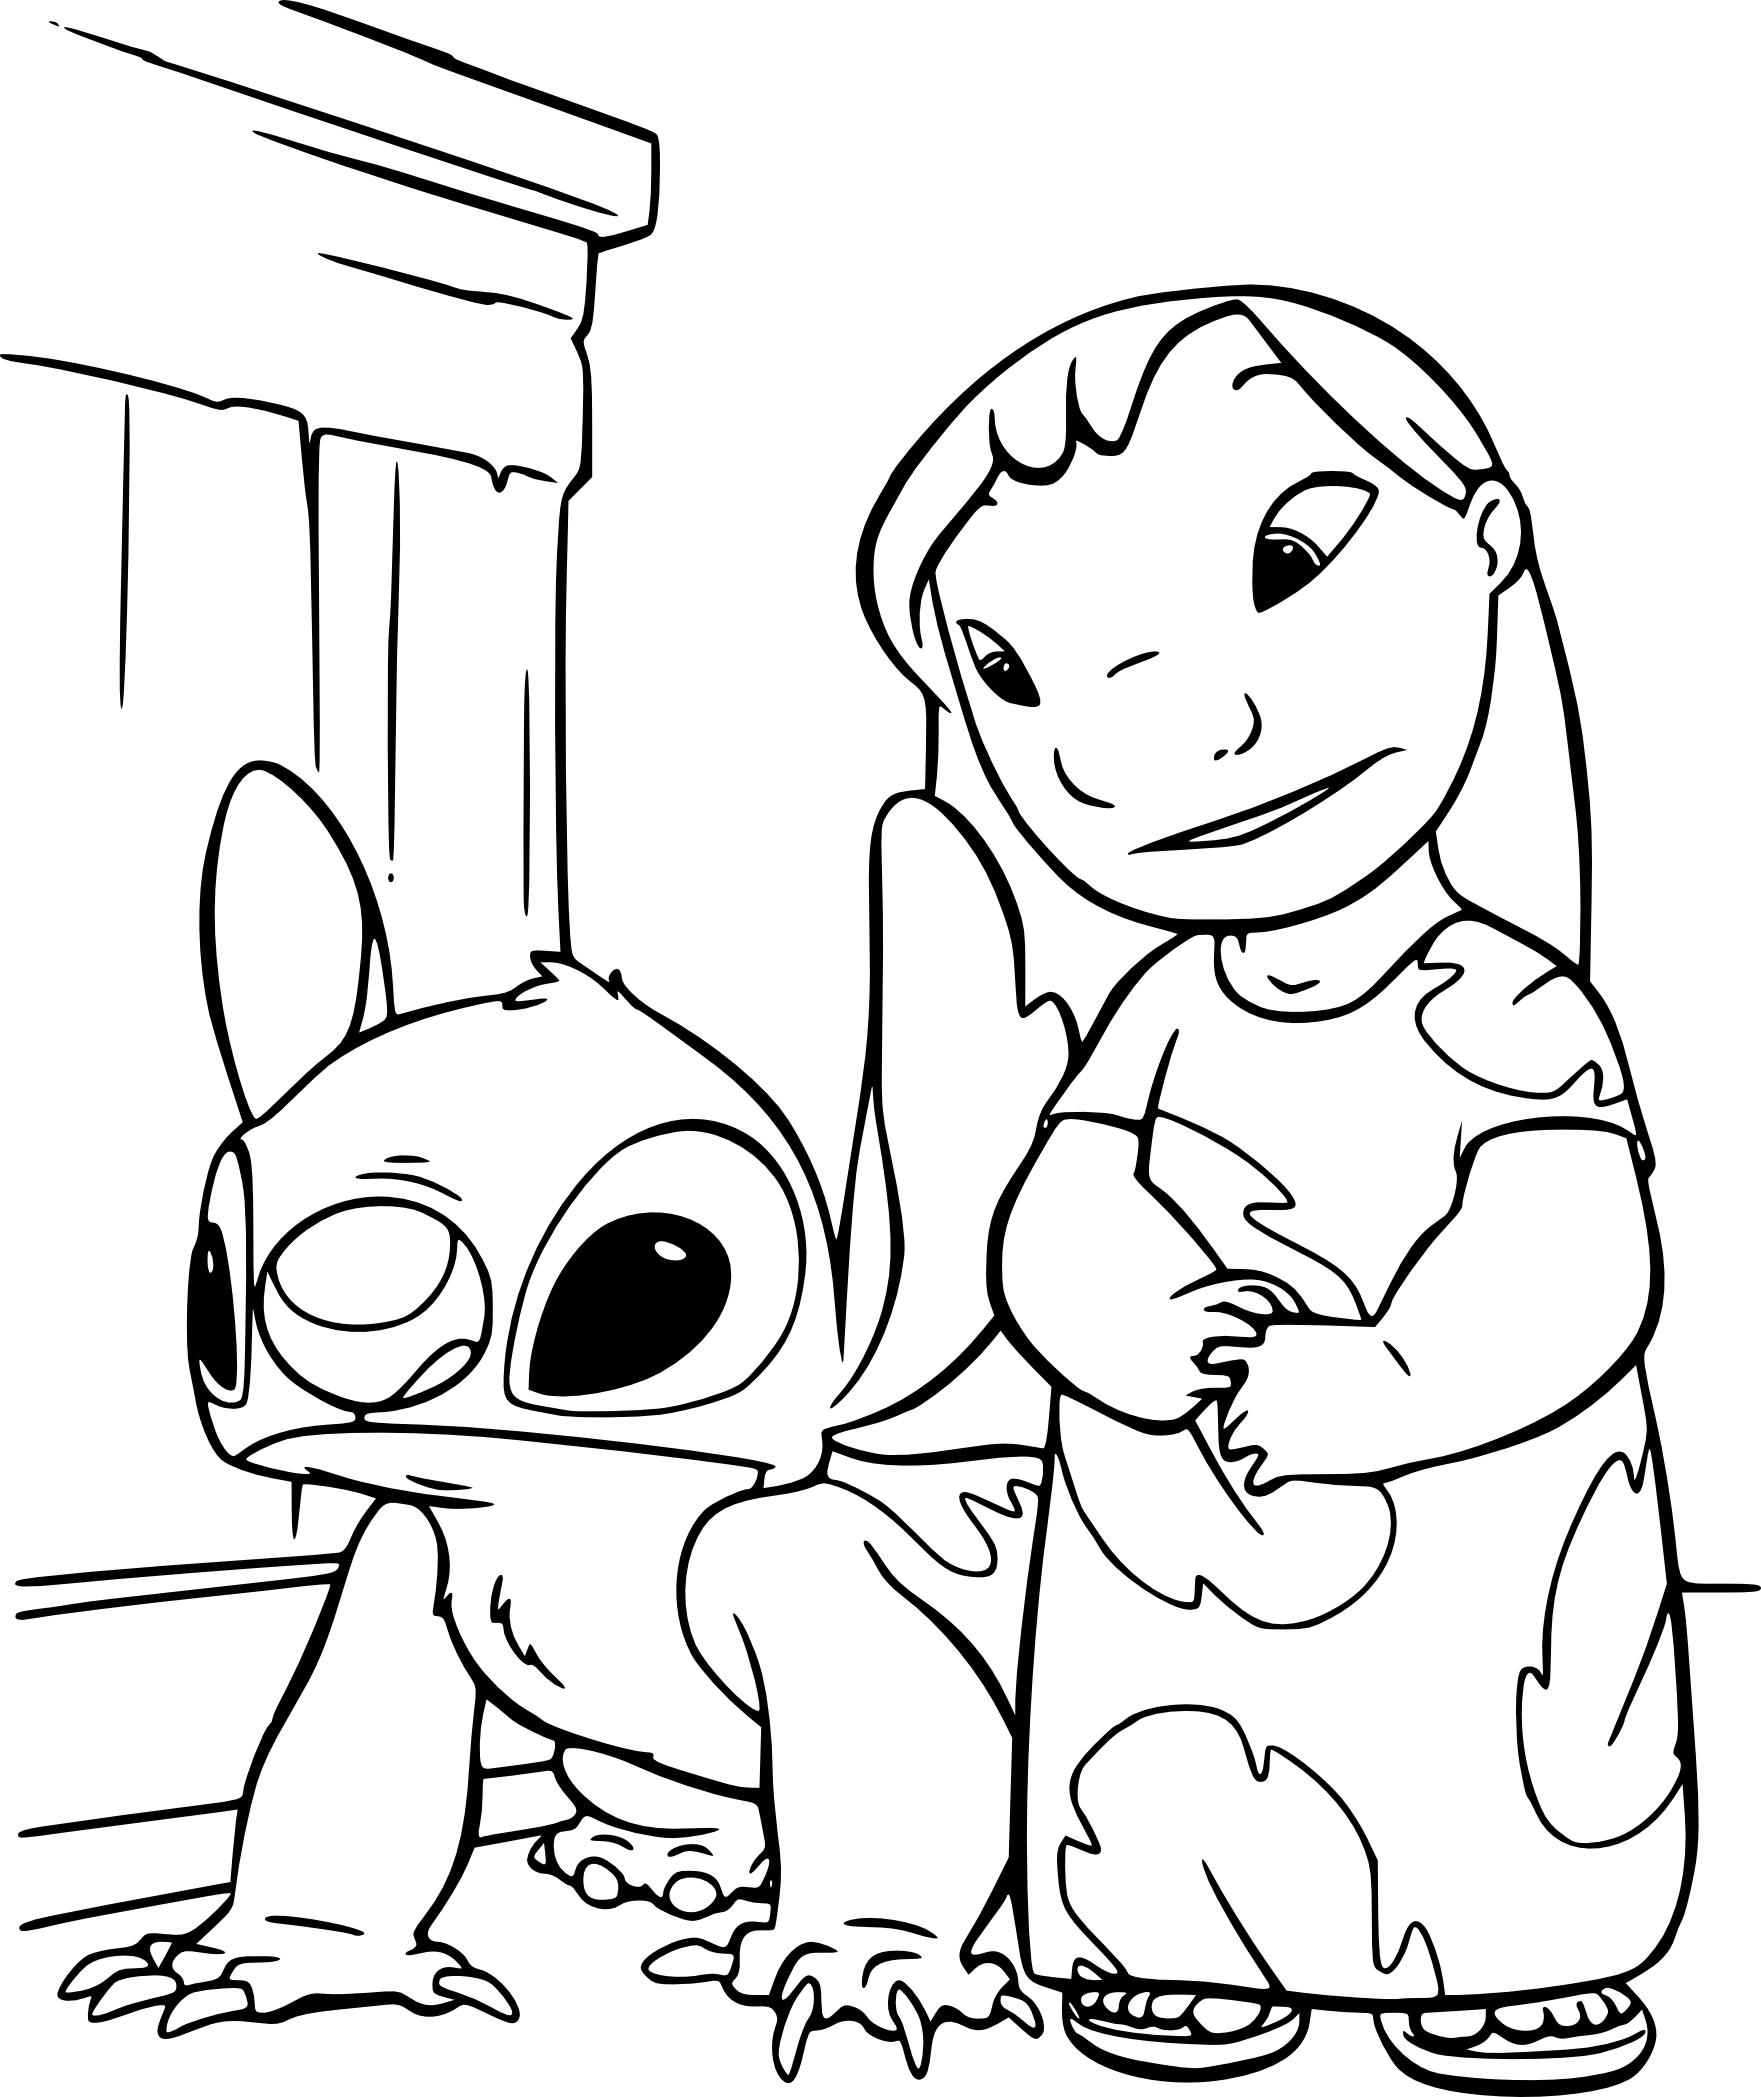 Coloriage Lilo Et Stitch À Imprimer pour Lilo Et Stitch Dessin Animé